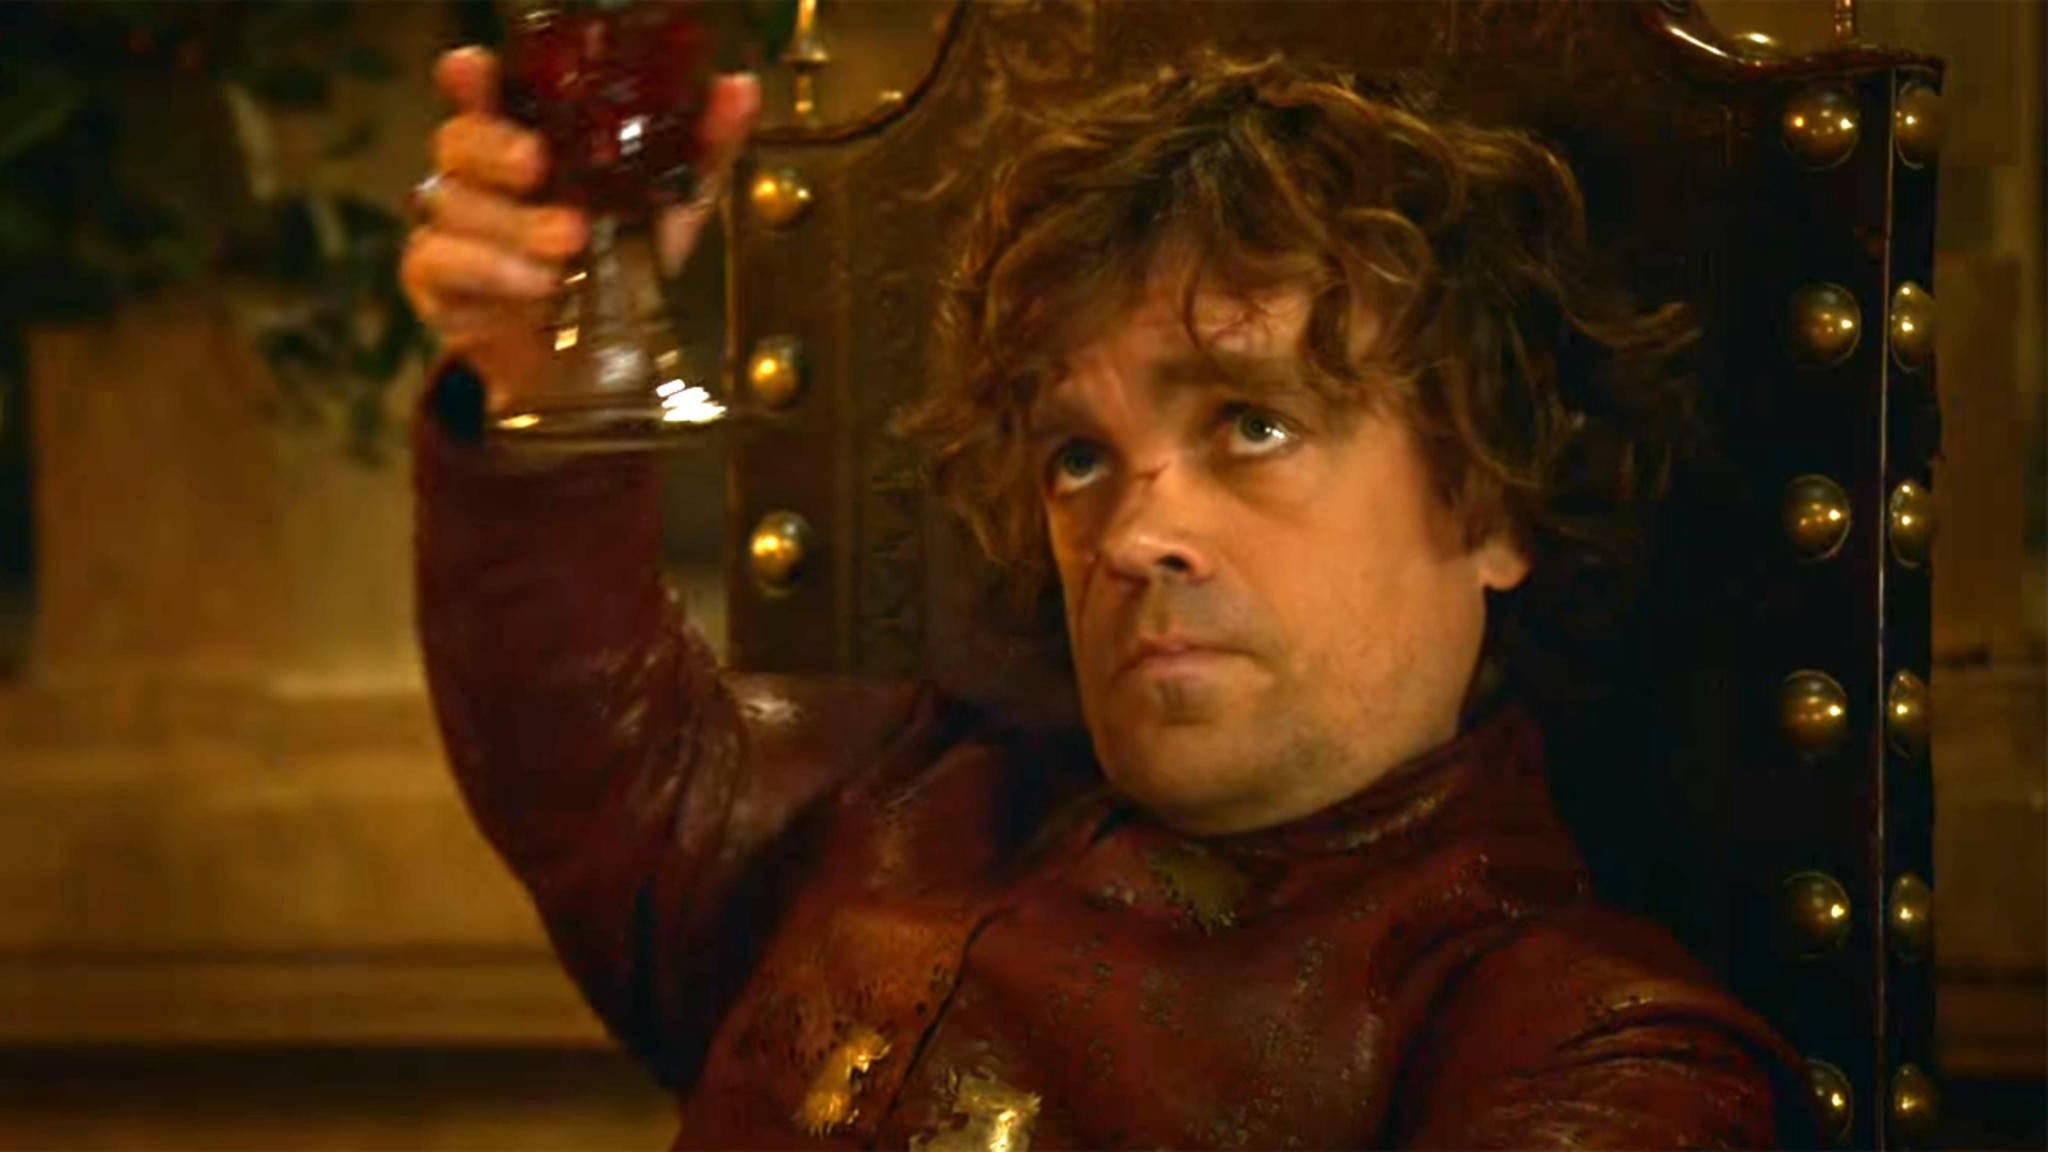 Ein unzertrennliches Duo: Tyrion Lannister und ein Glas Wein.